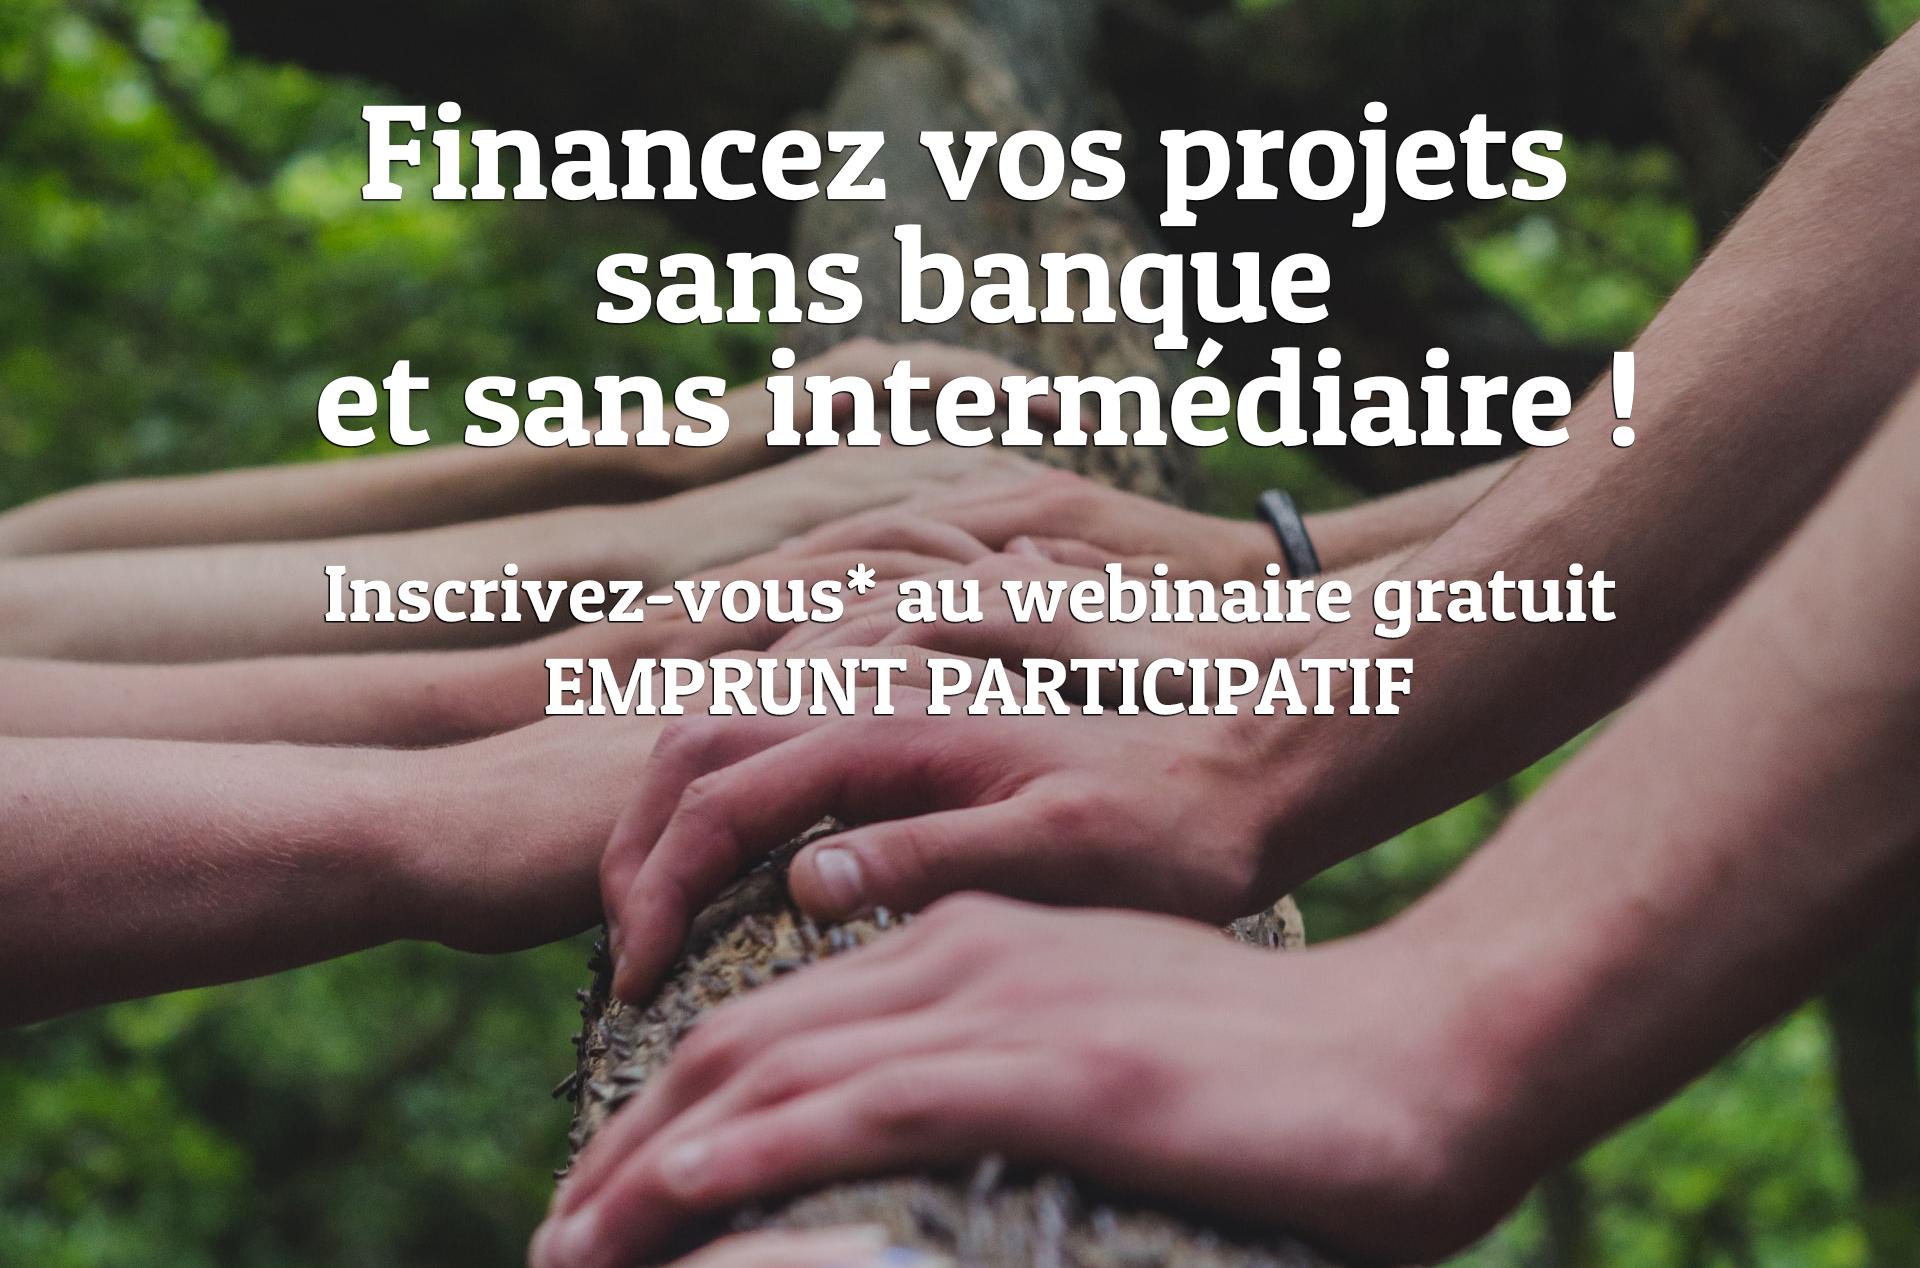 Emprunt participatif - webinaire